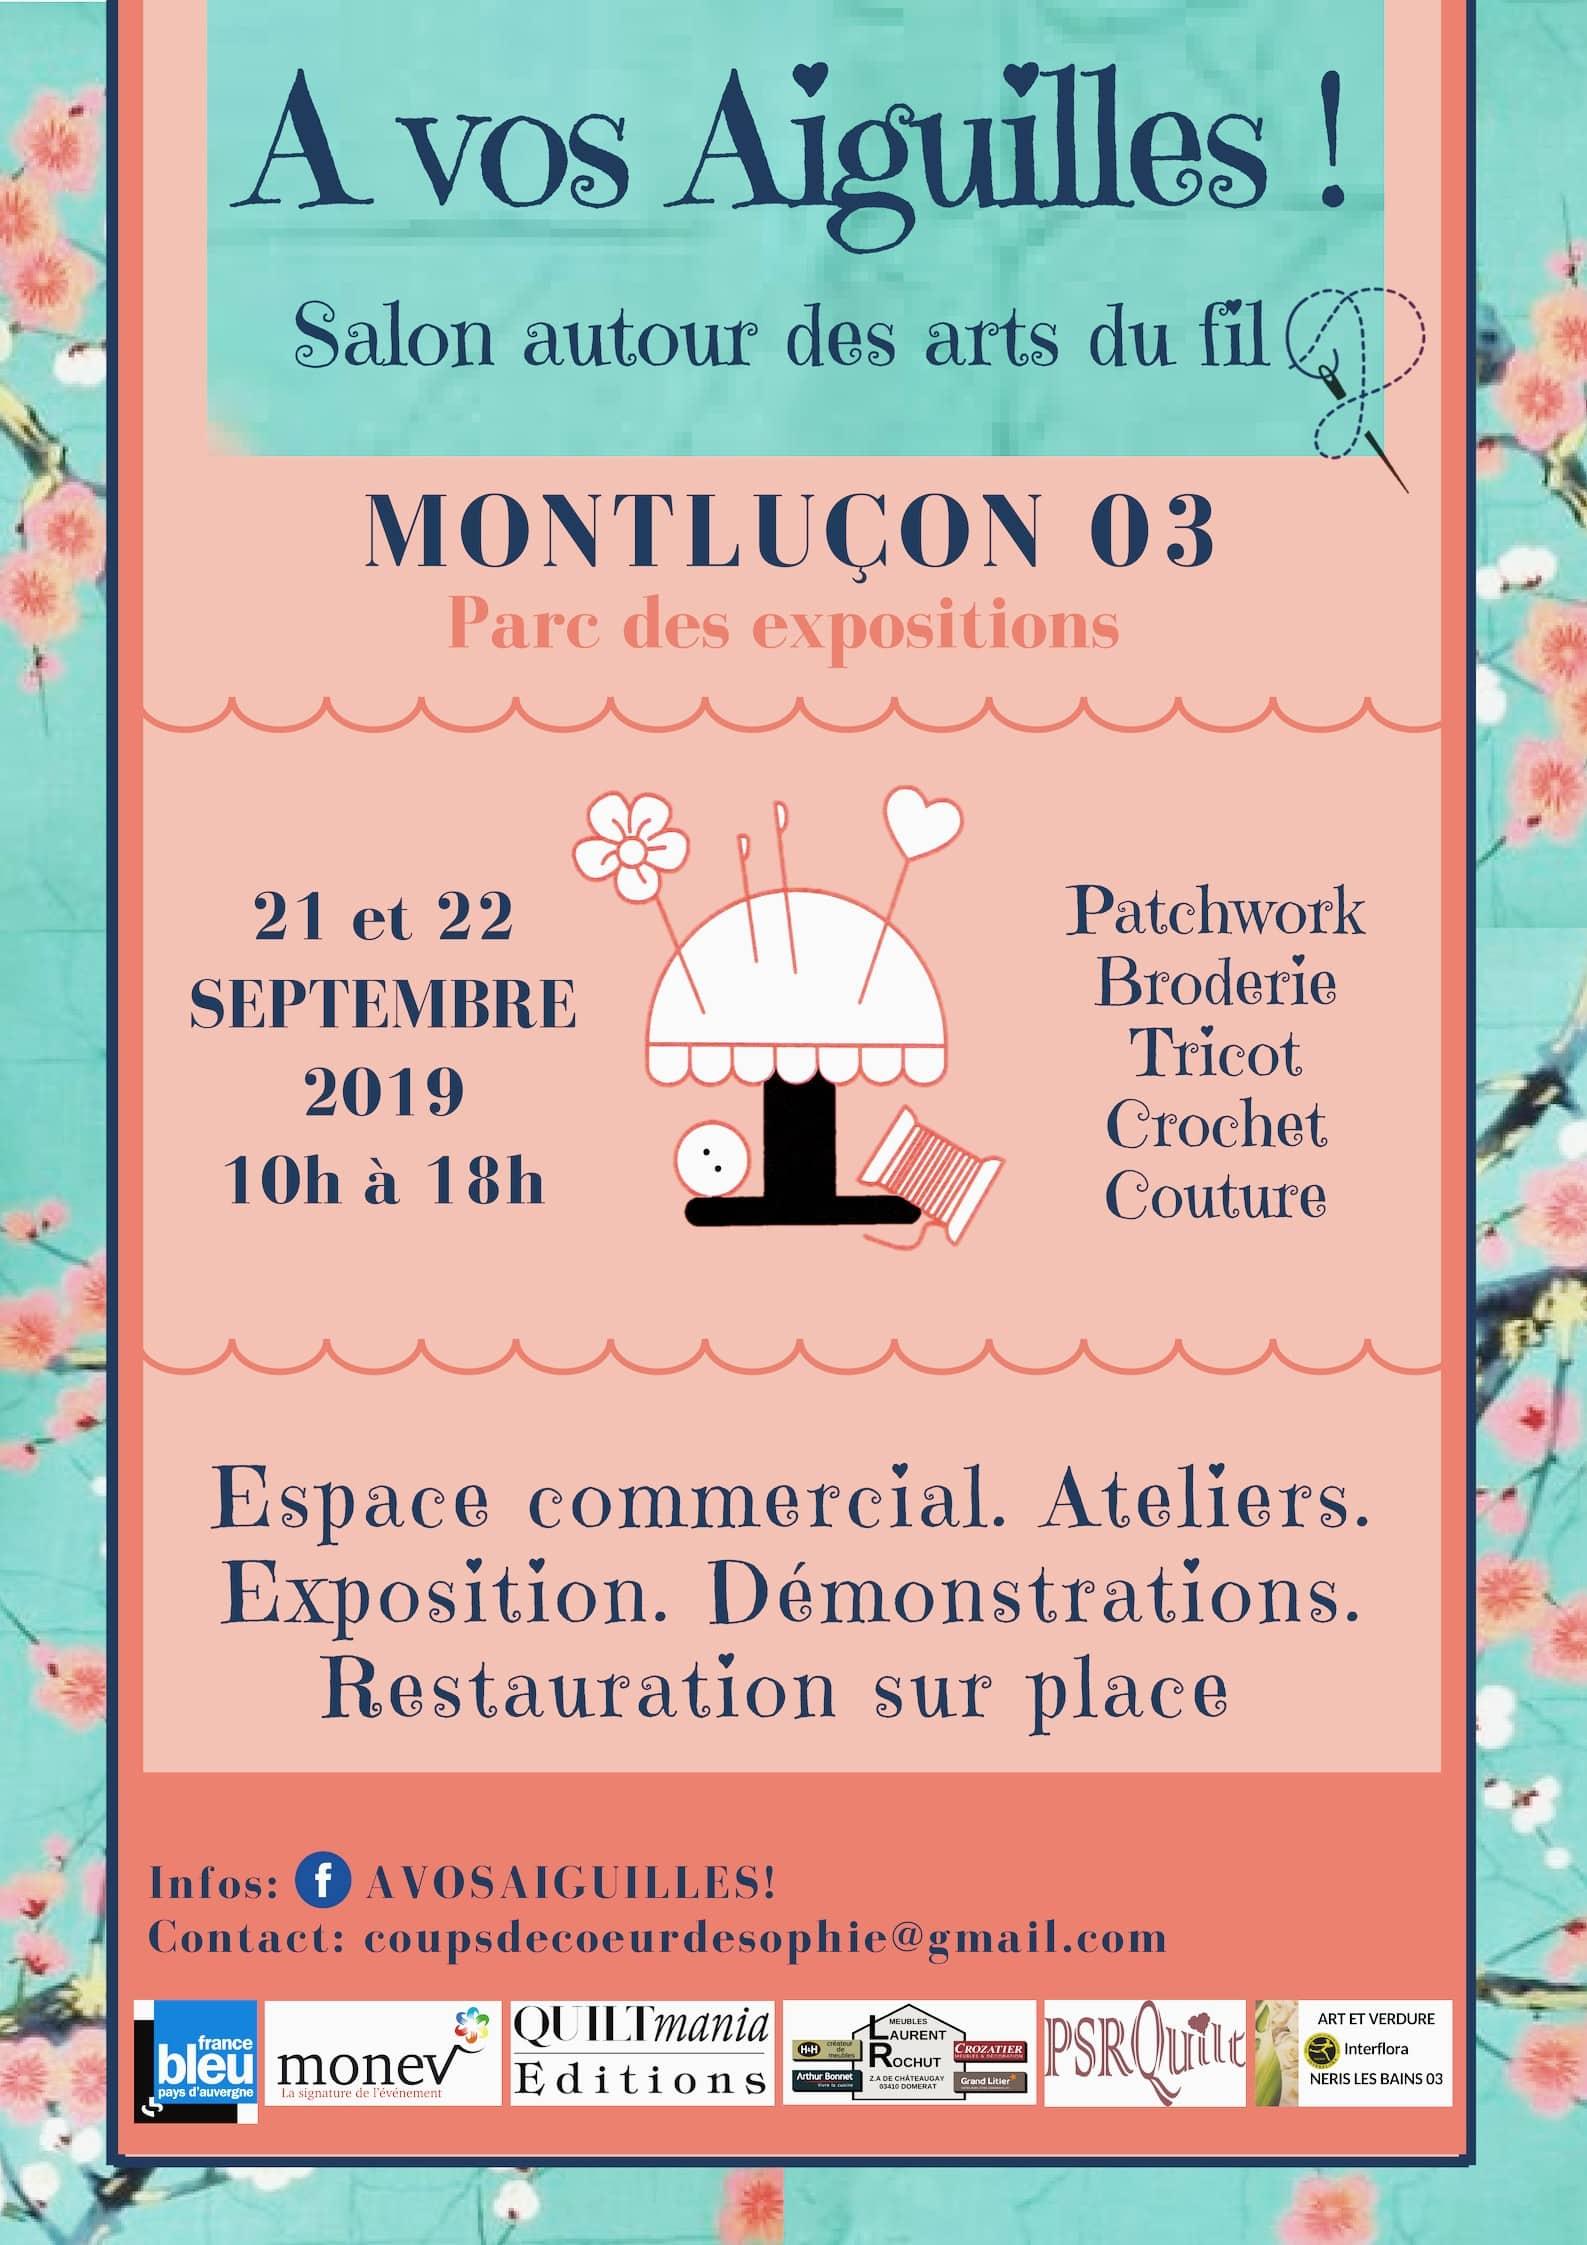 A-vos-aiguilles-2019-Montluçon